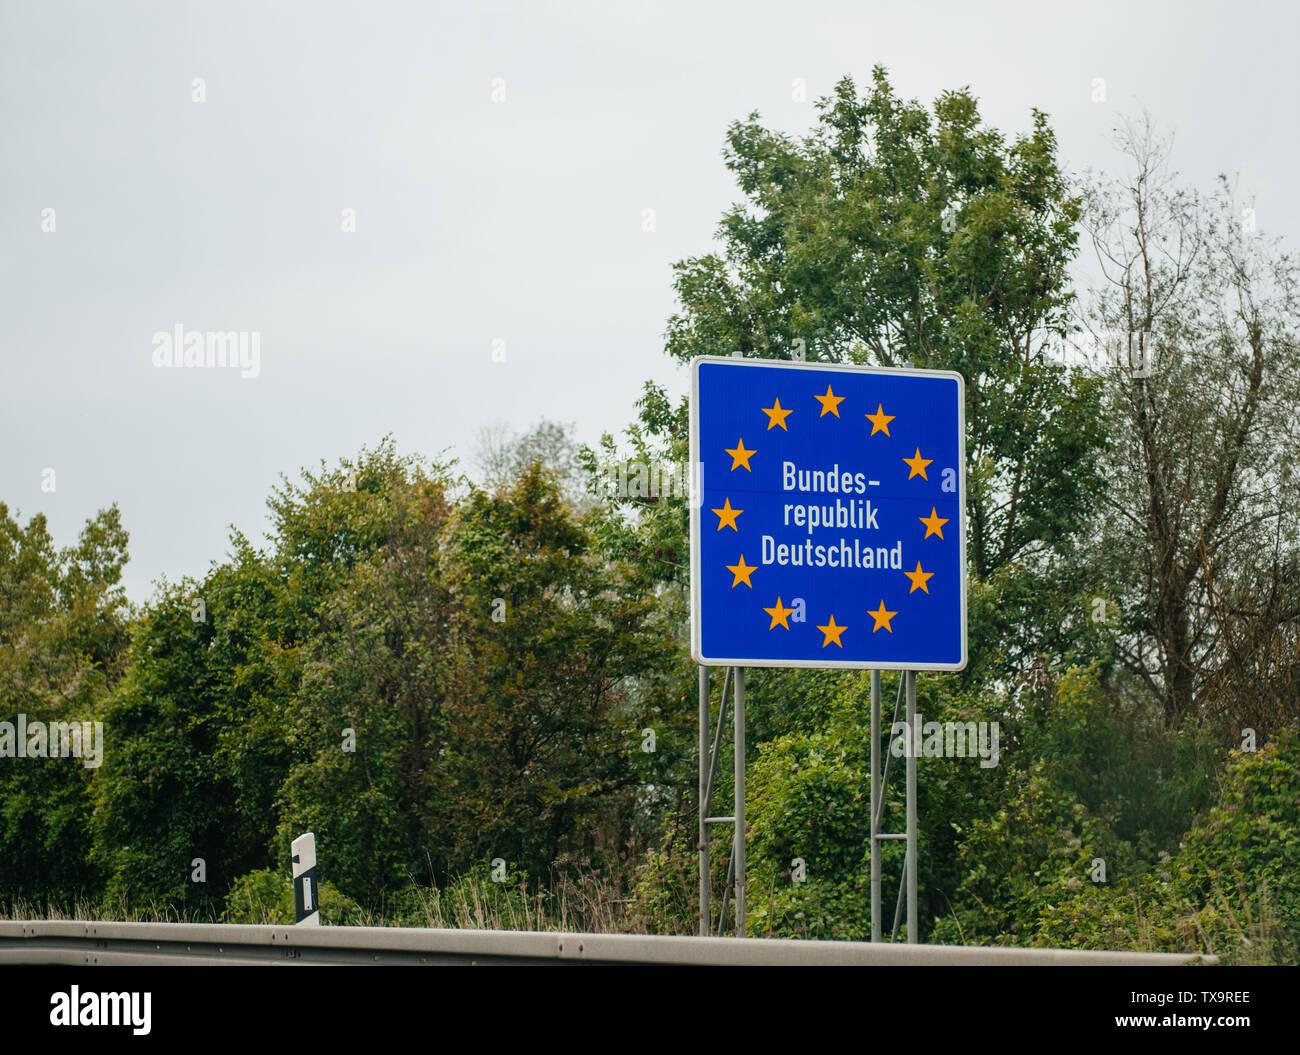 Eingang Straße Autobahn Zeichen in Deutschland, Mitglied der Europäischen Union mit Text Bundesrepublik Deutschland Stockfoto